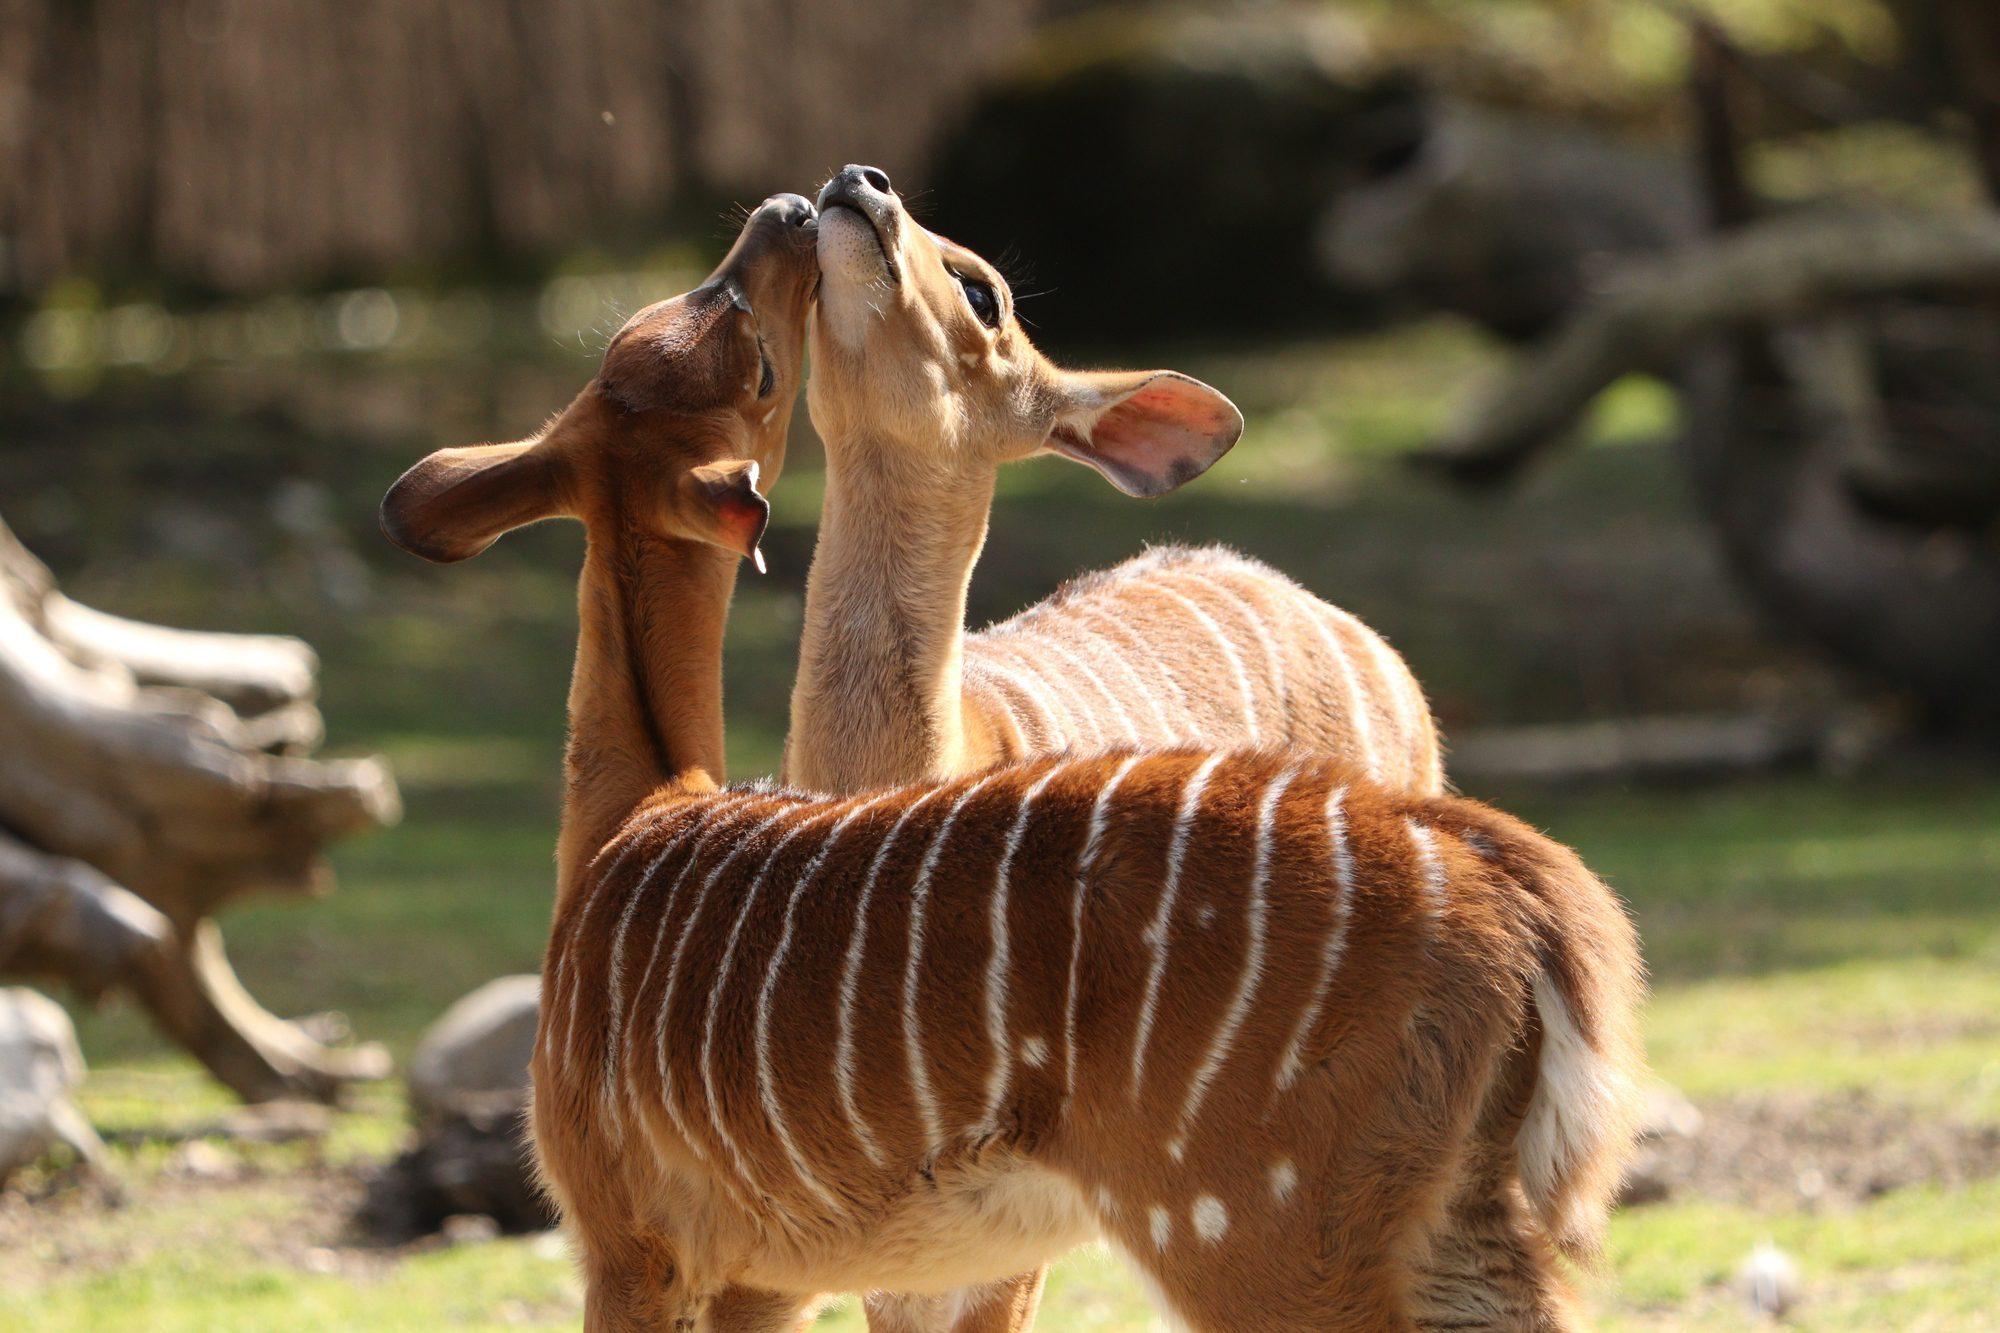 Junge Nyalas im Tierpark Hellabrunn